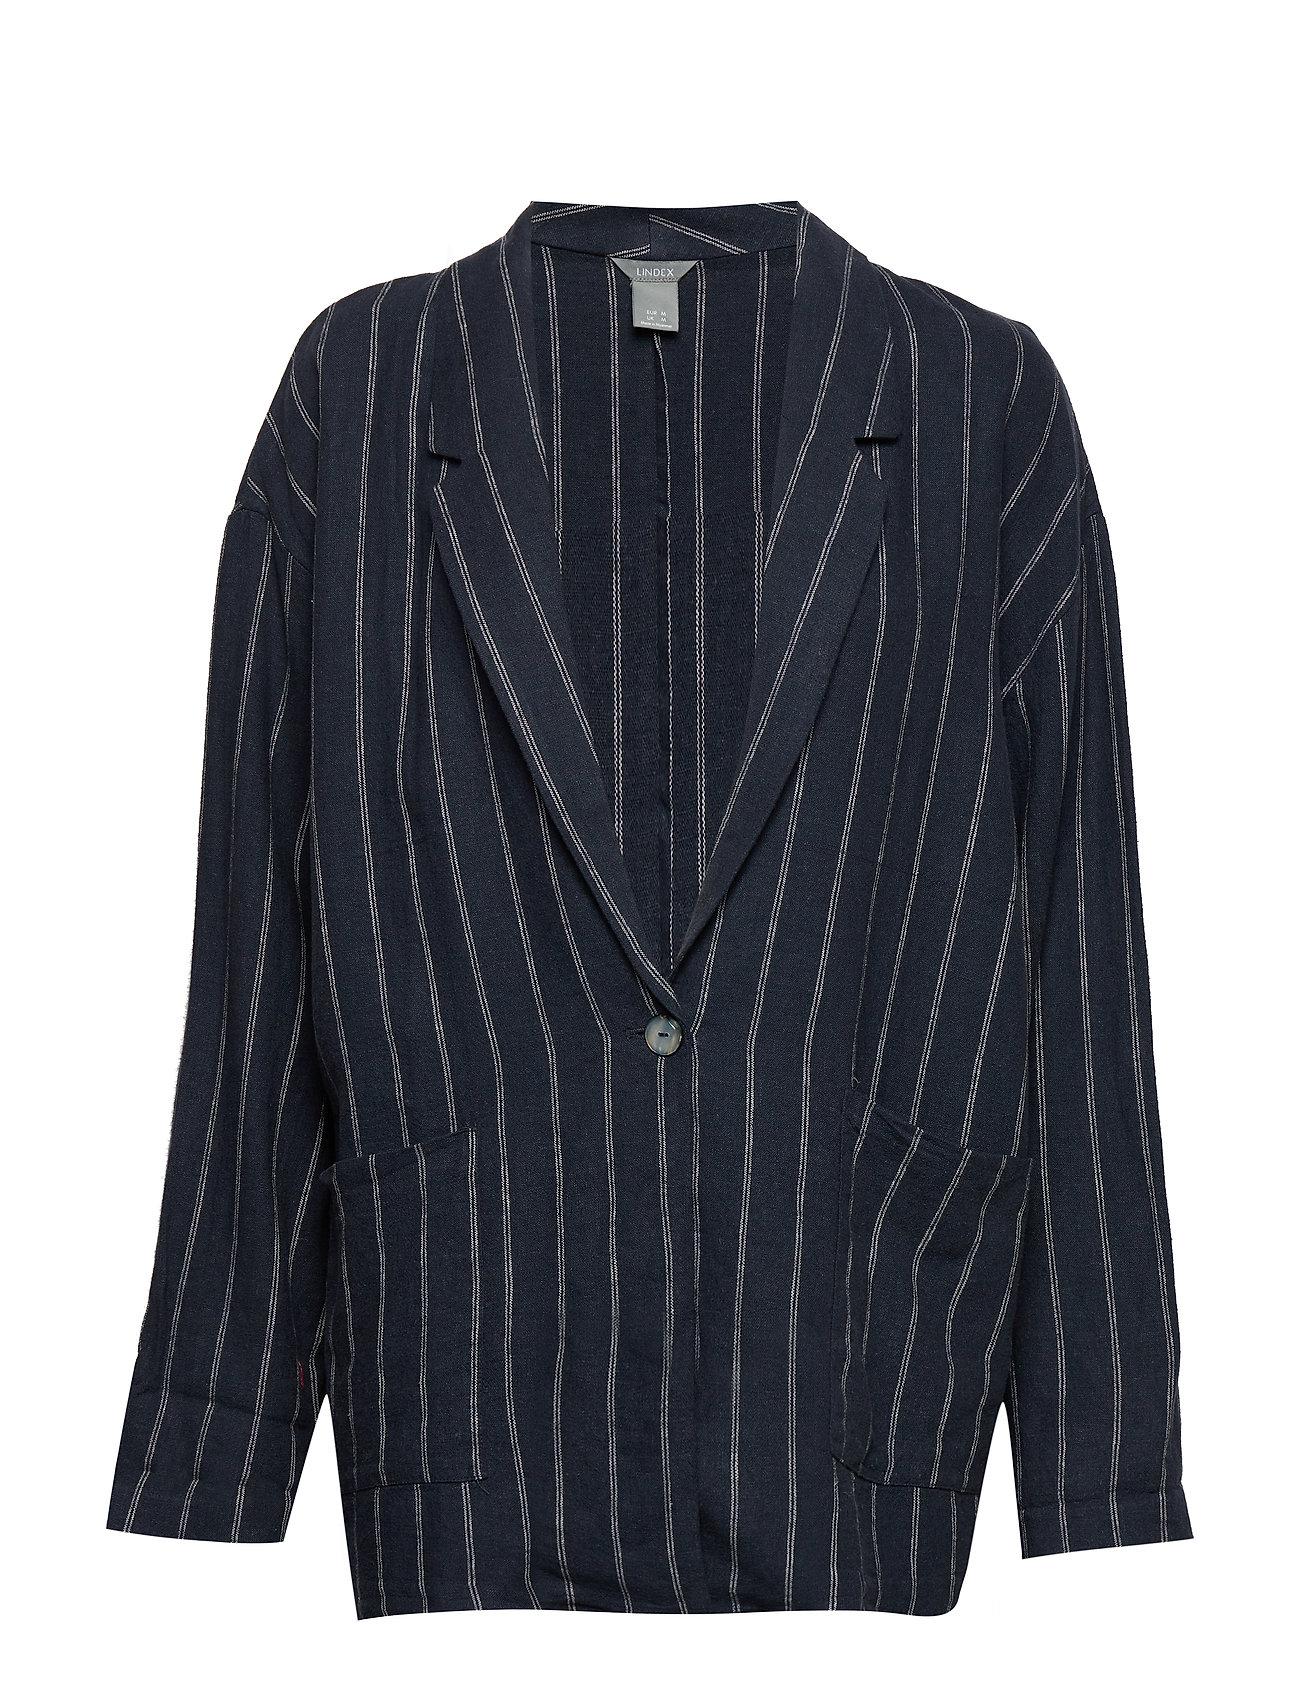 Lindex Jacket Violet linen - DARK BLUE